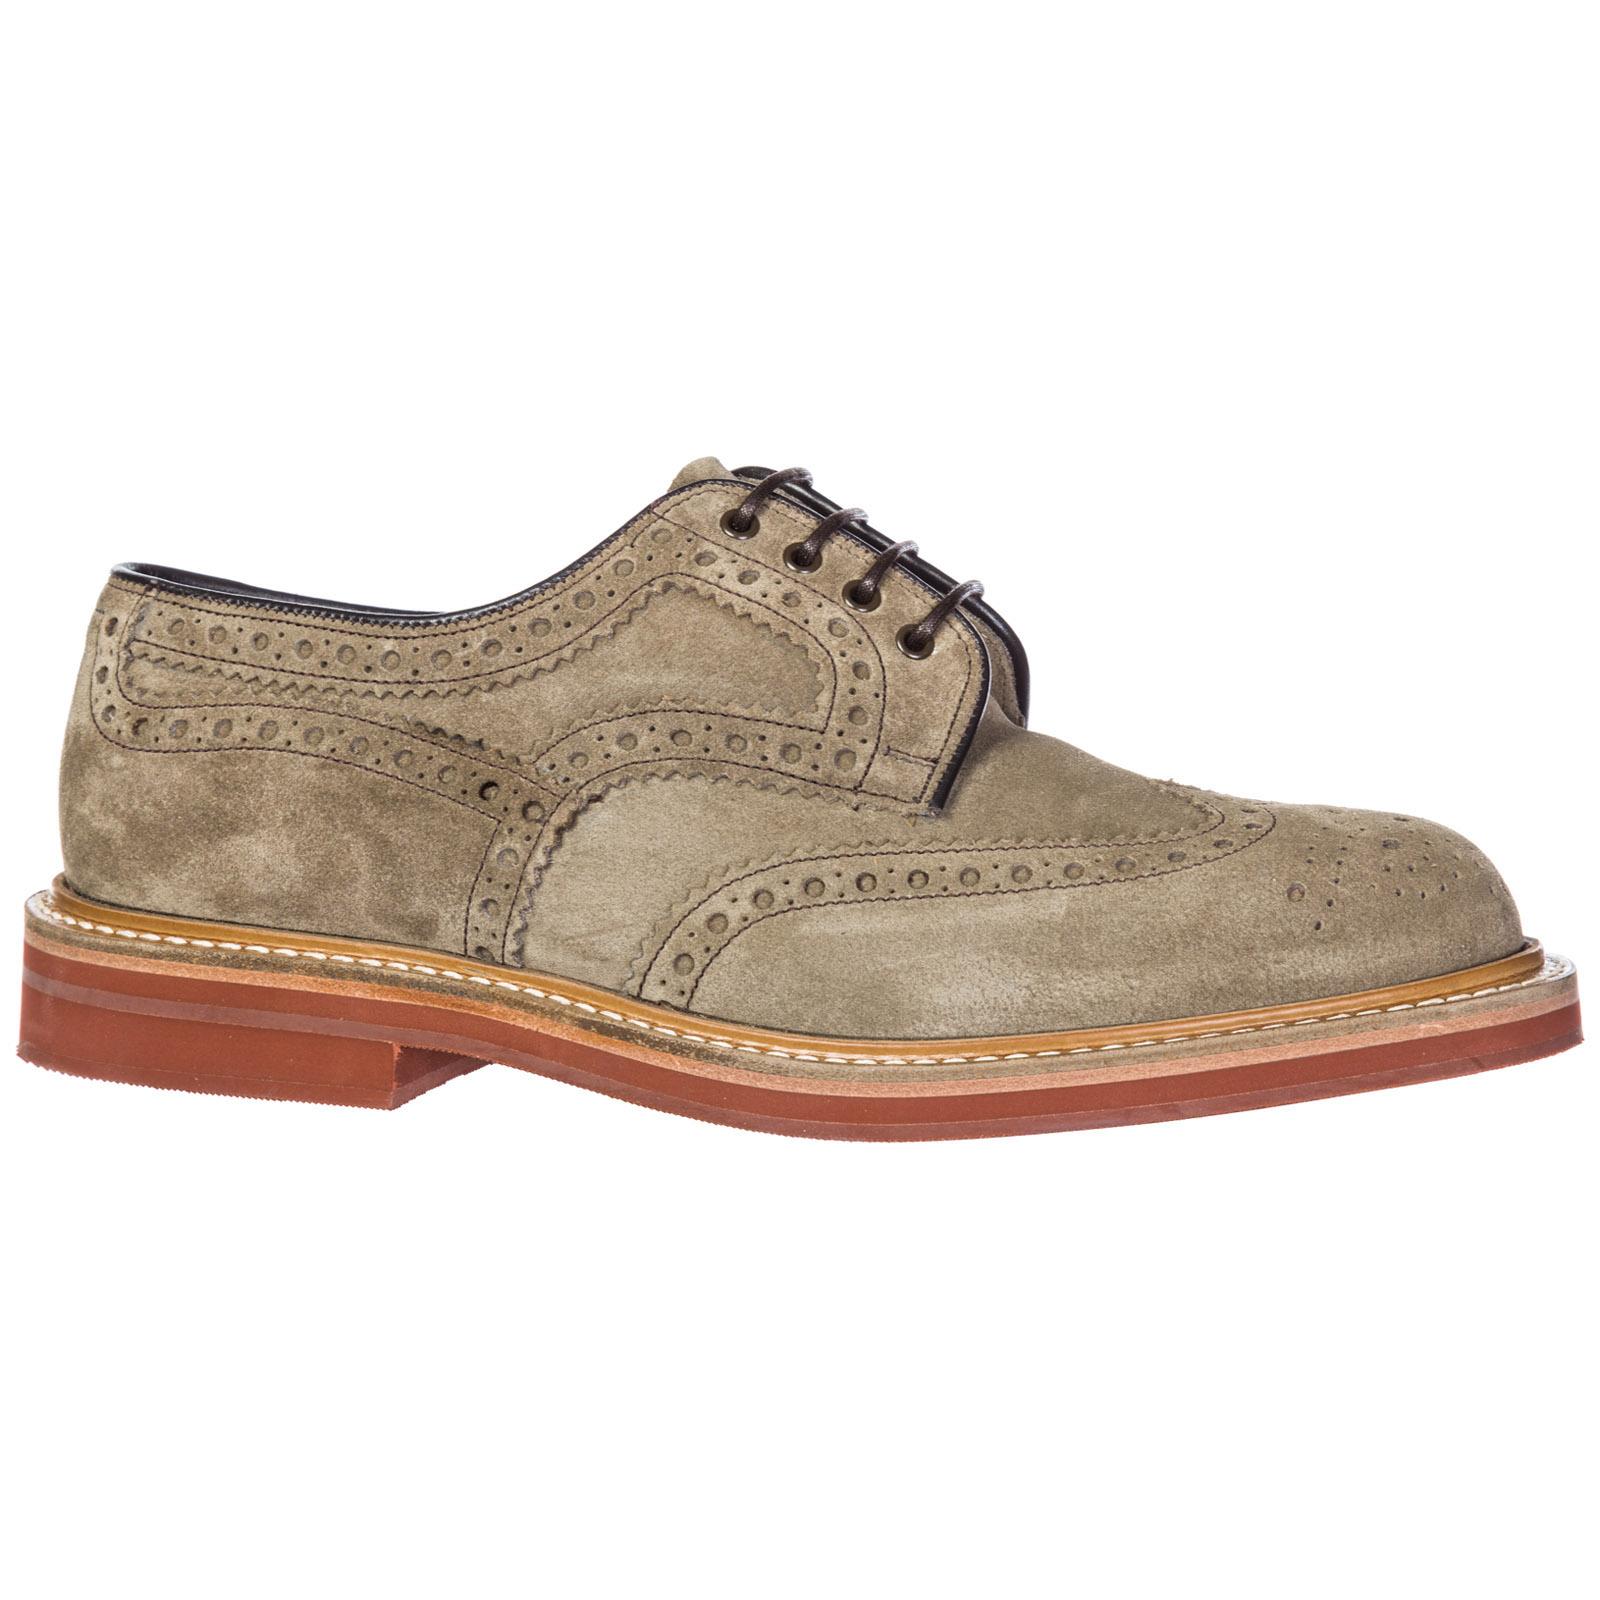 классические туфли на шнурках мужские замшевые orby